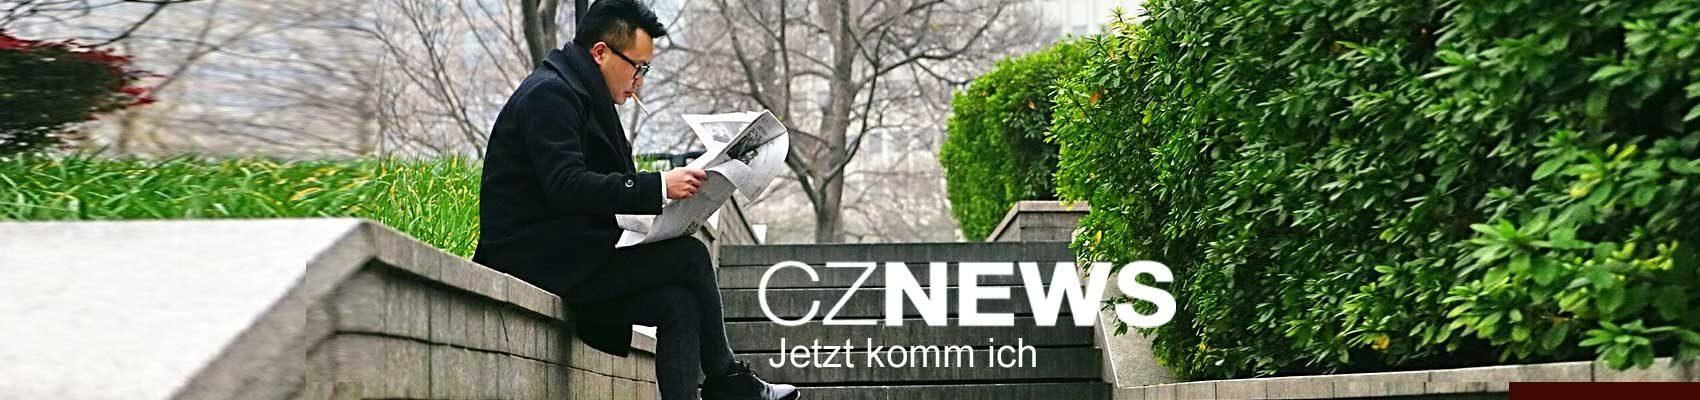 CZnews